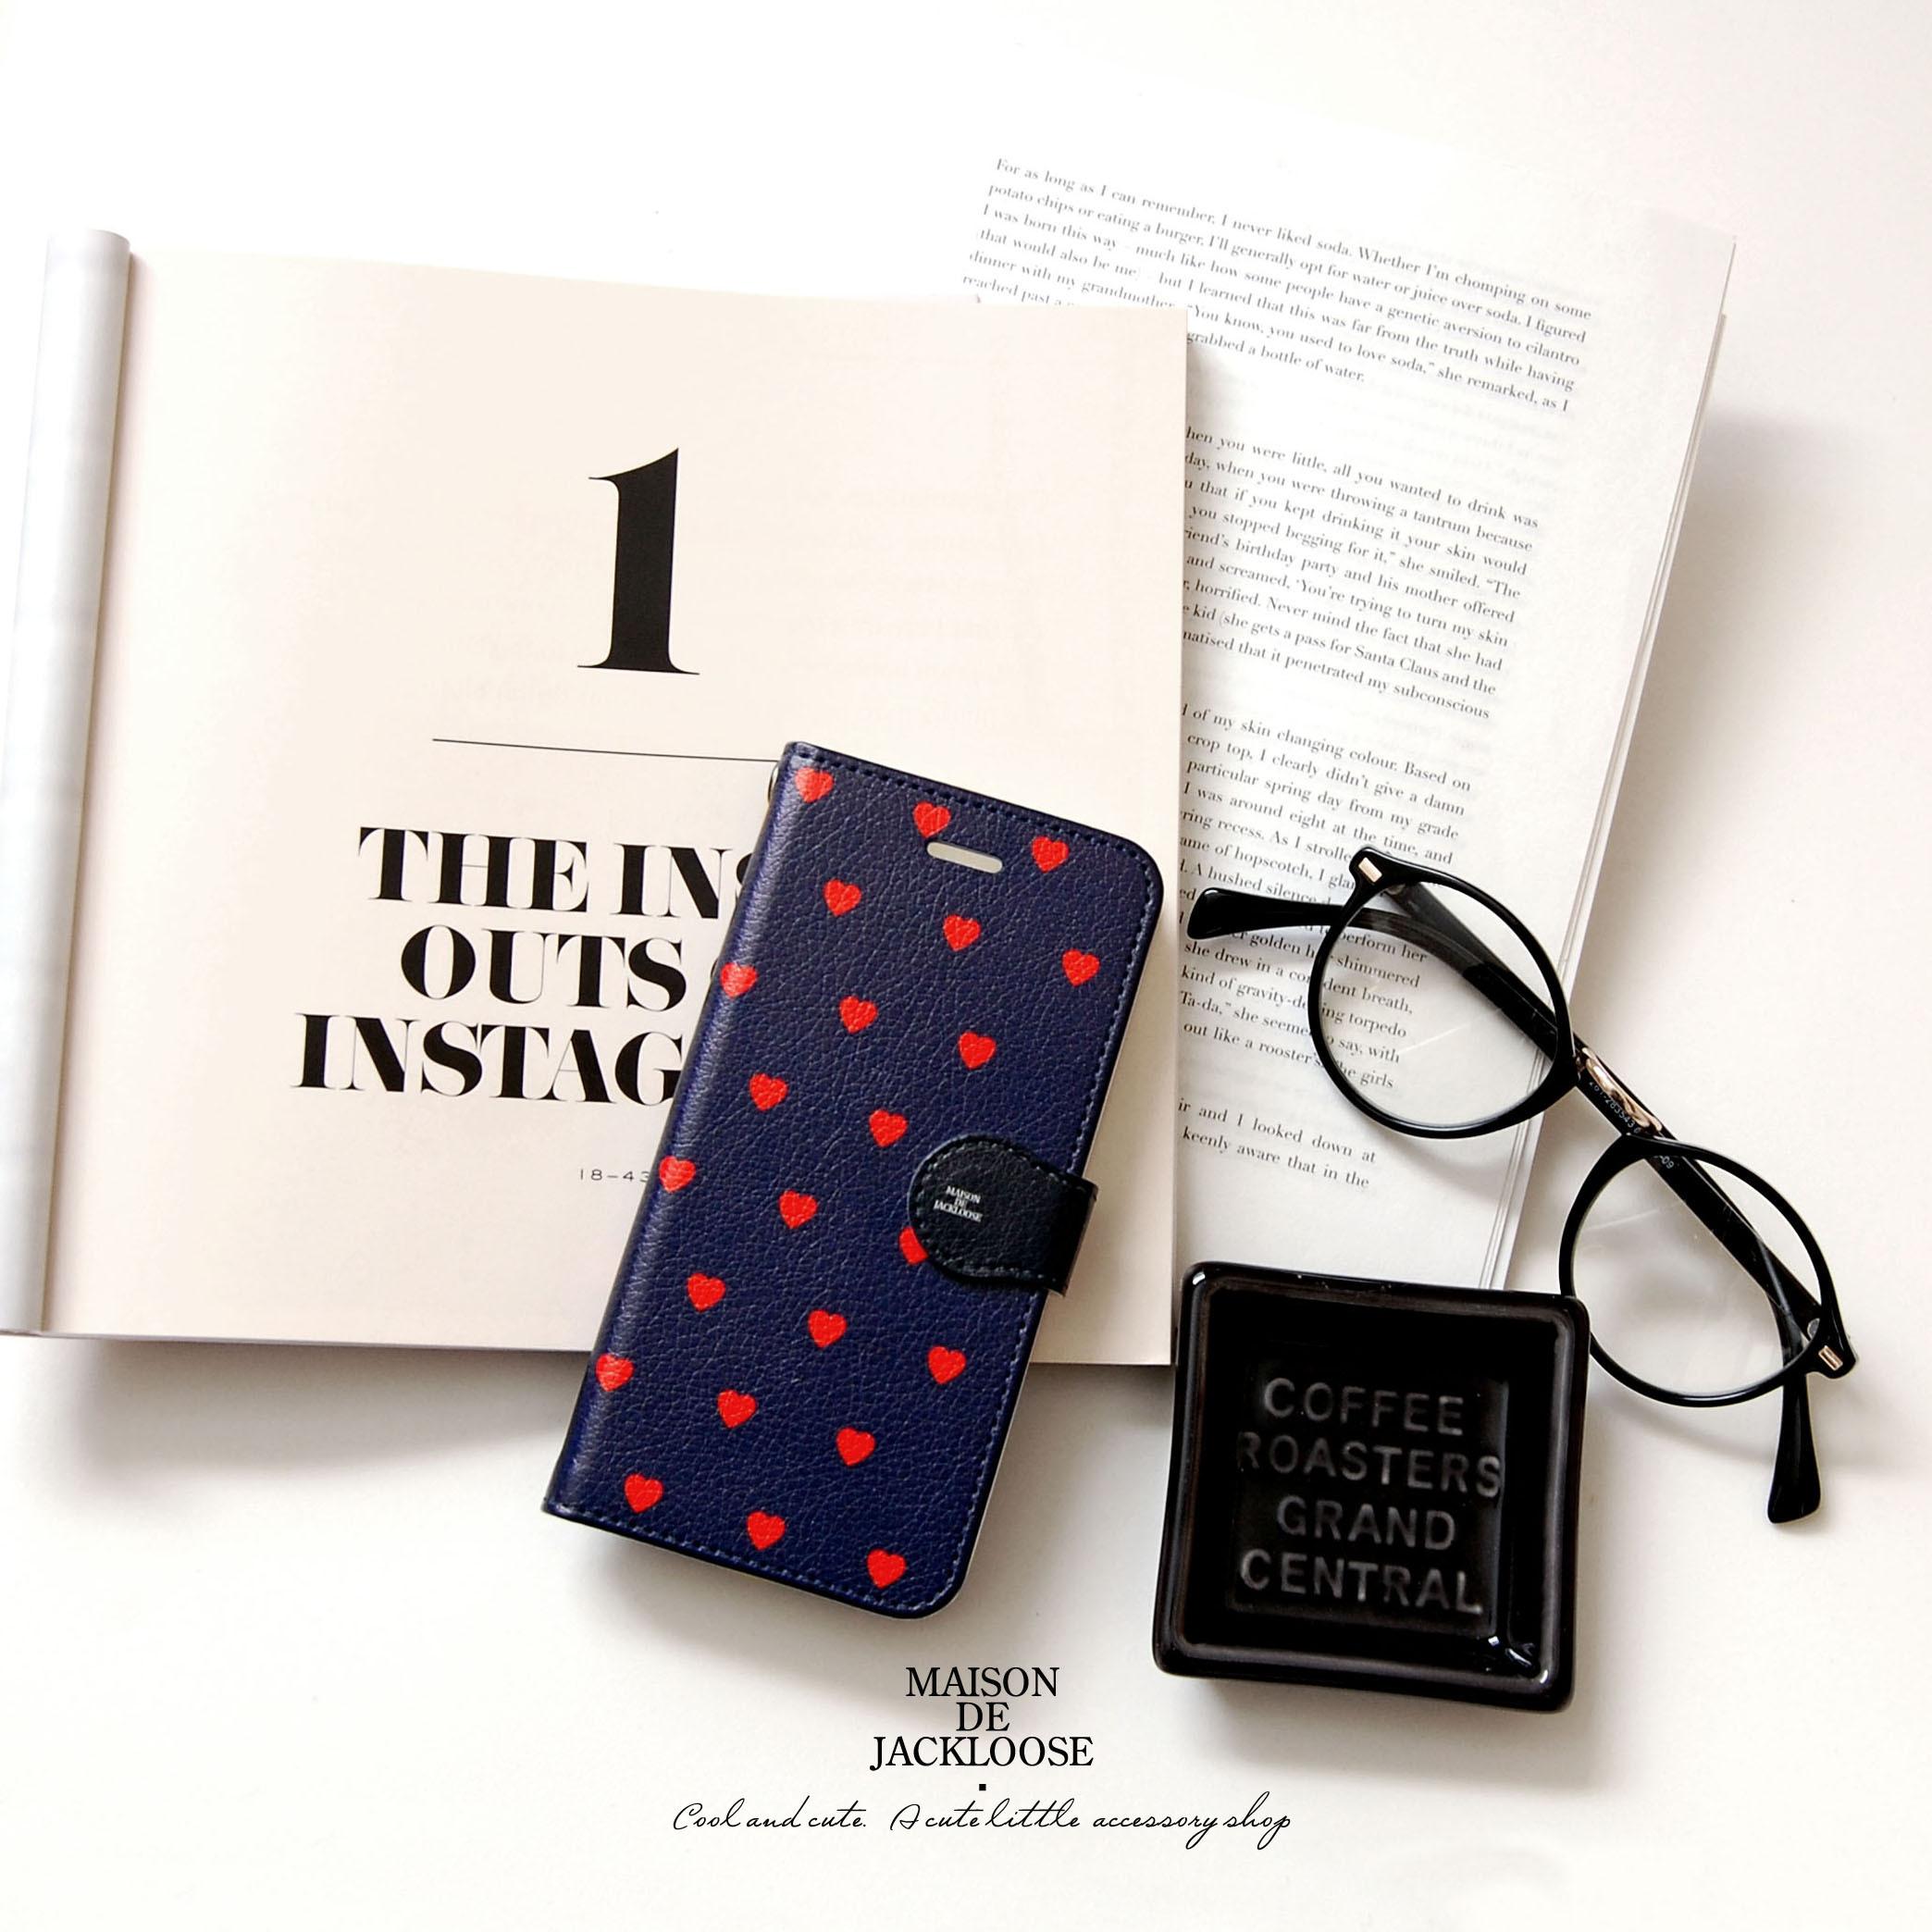 イングランドカラー・ハート柄ステーショナリースマホ手帳ケース(iPhone/android各種)アイフォンX 手帳型ケース iPhone8手帳型 ケース